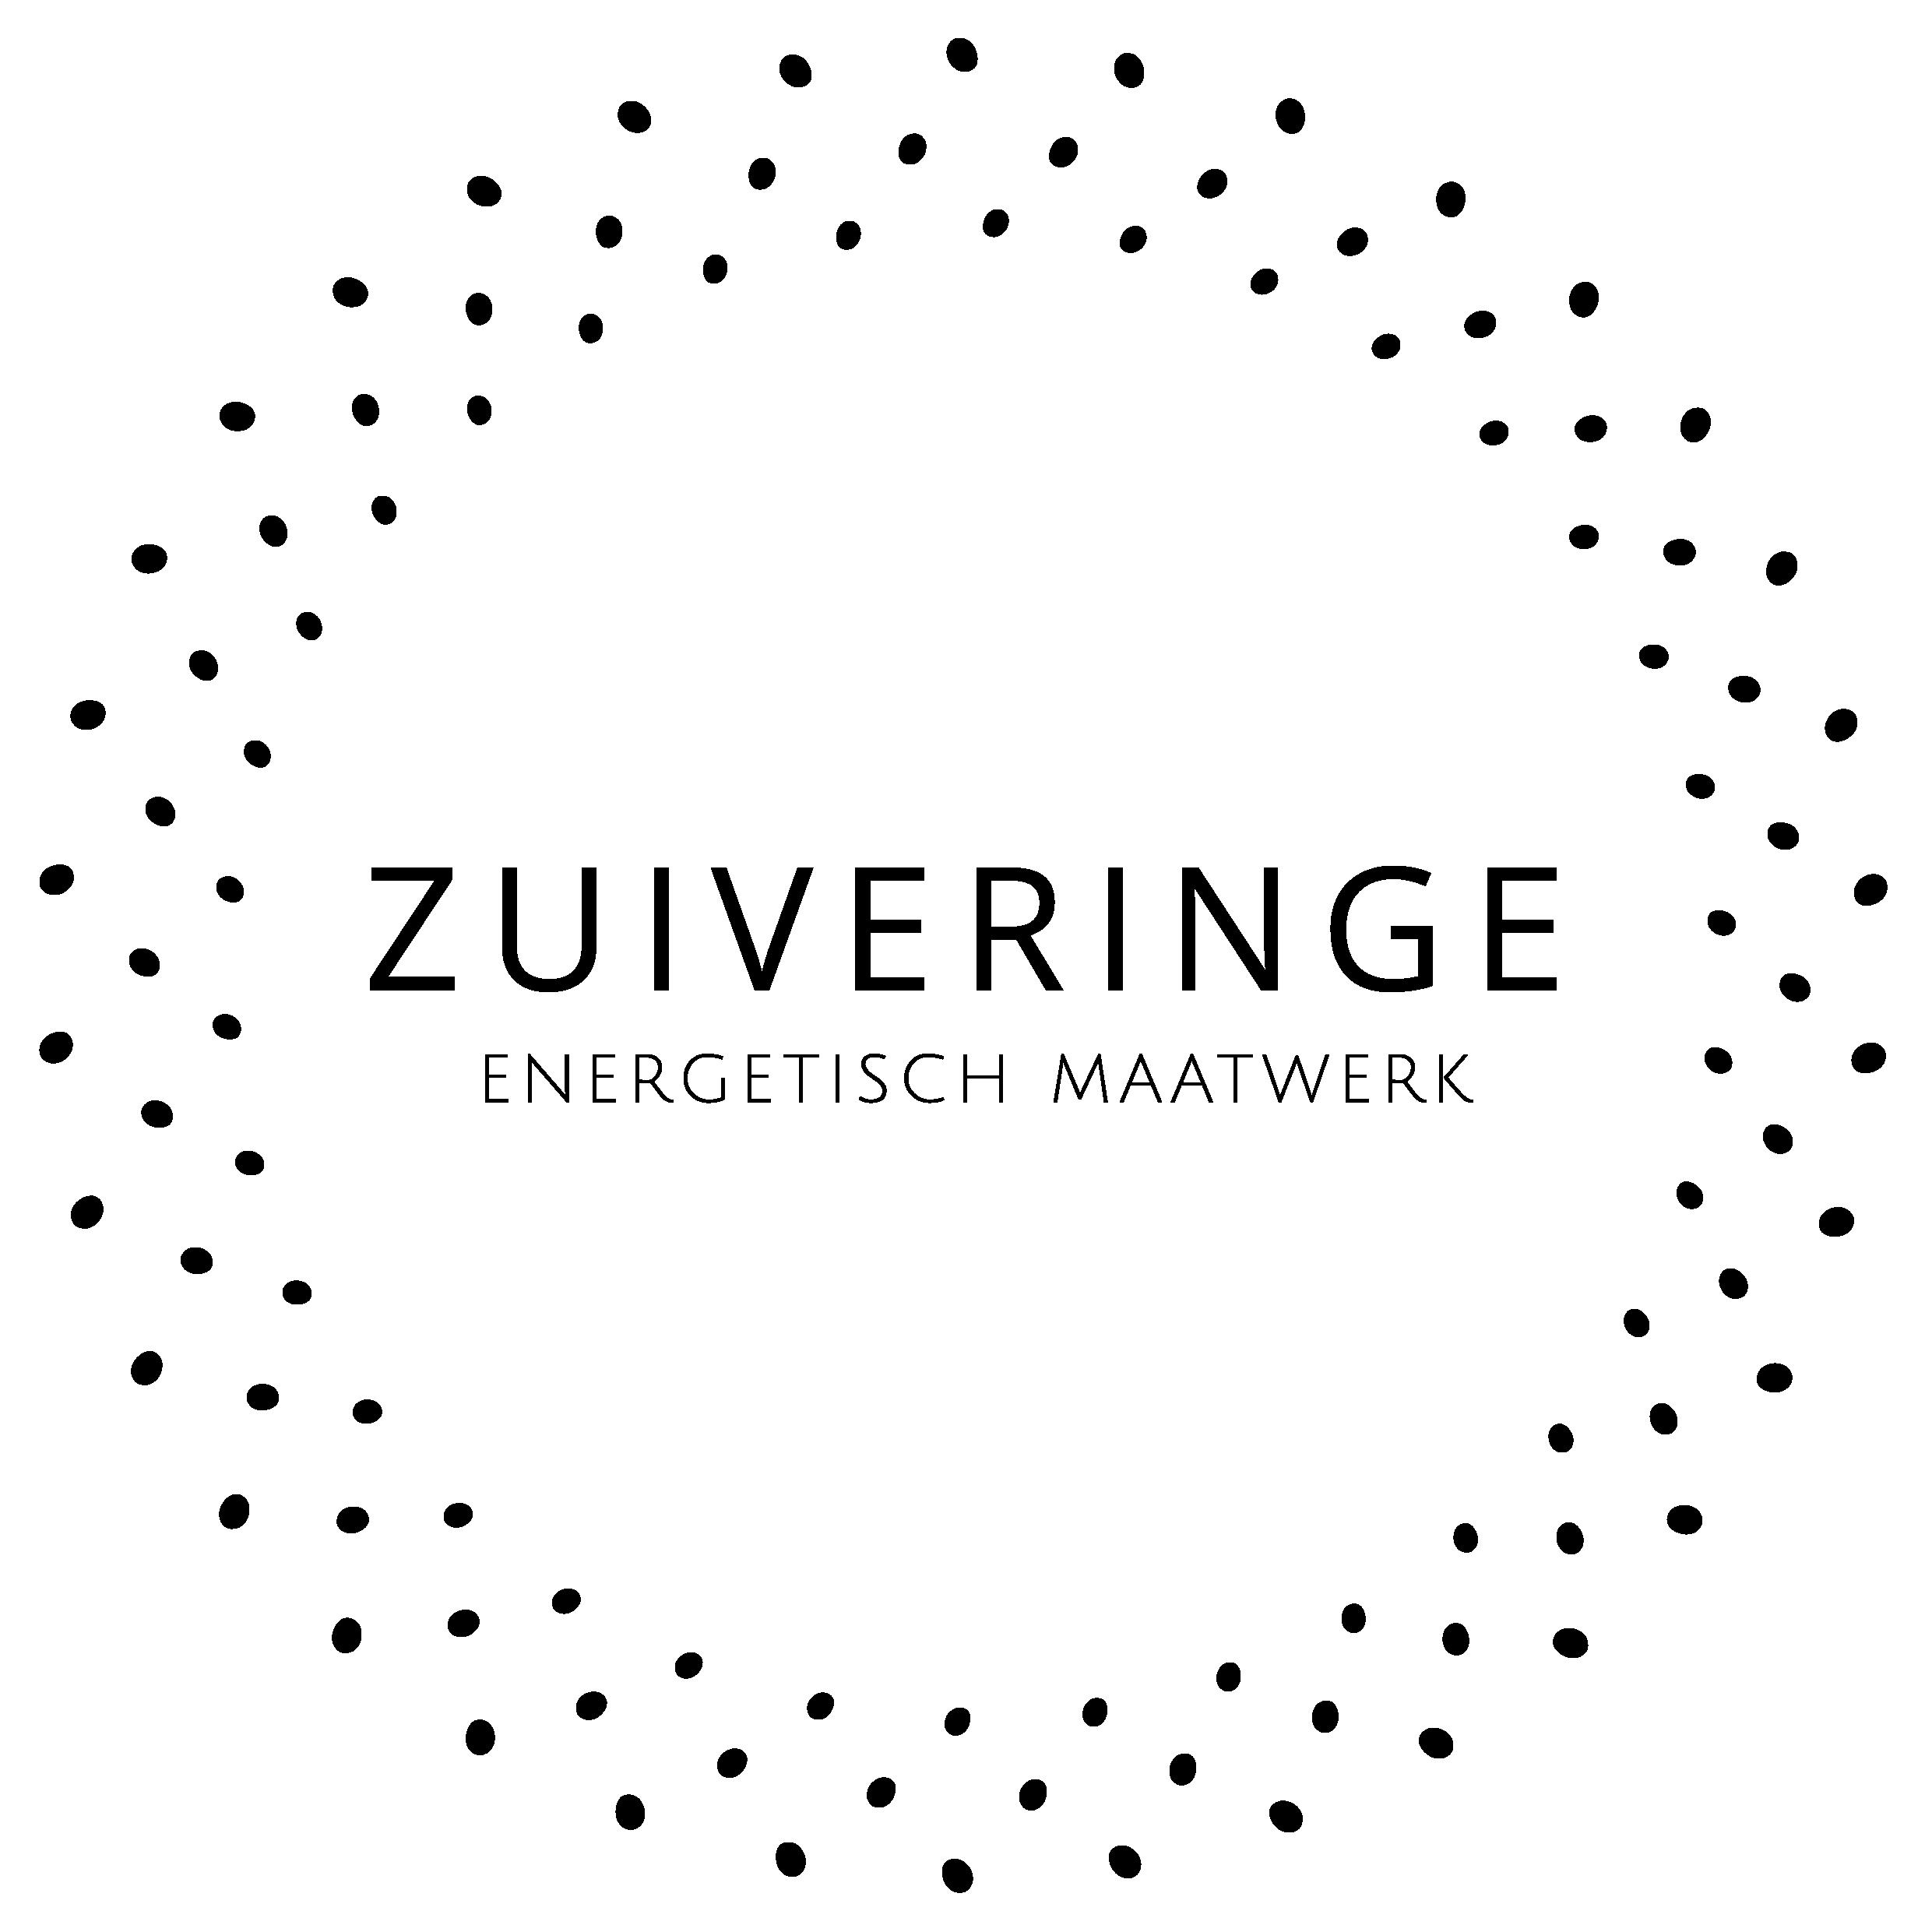 Zuiveringe